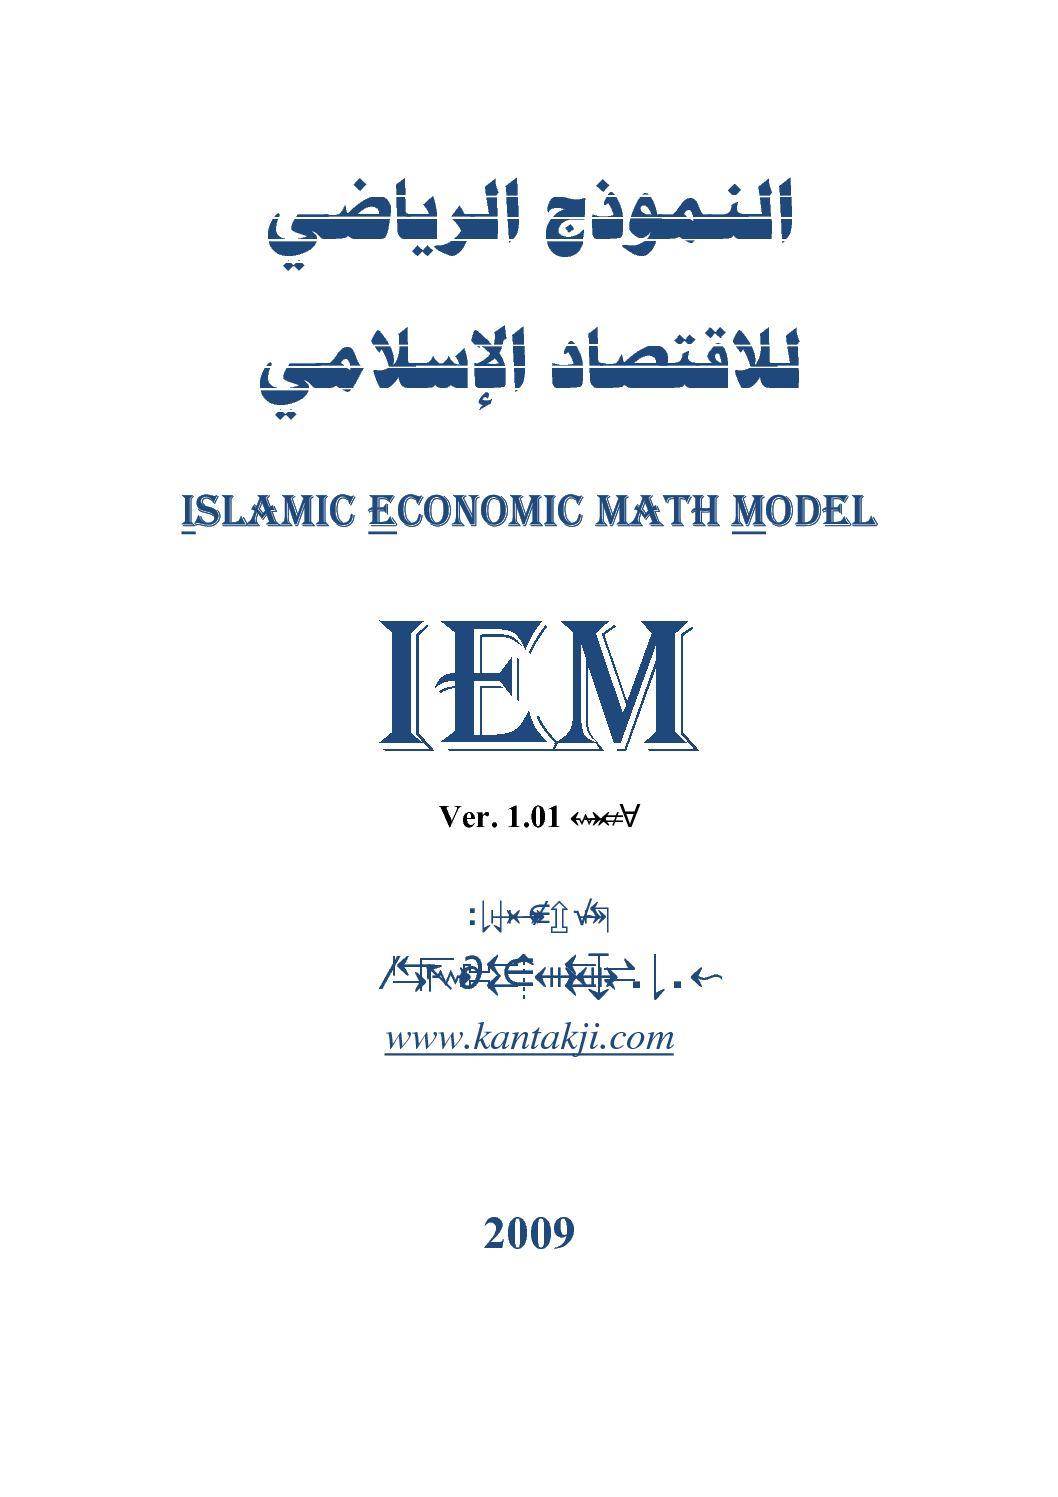 النموذج الرياضي للاقتصاد الإسلامي